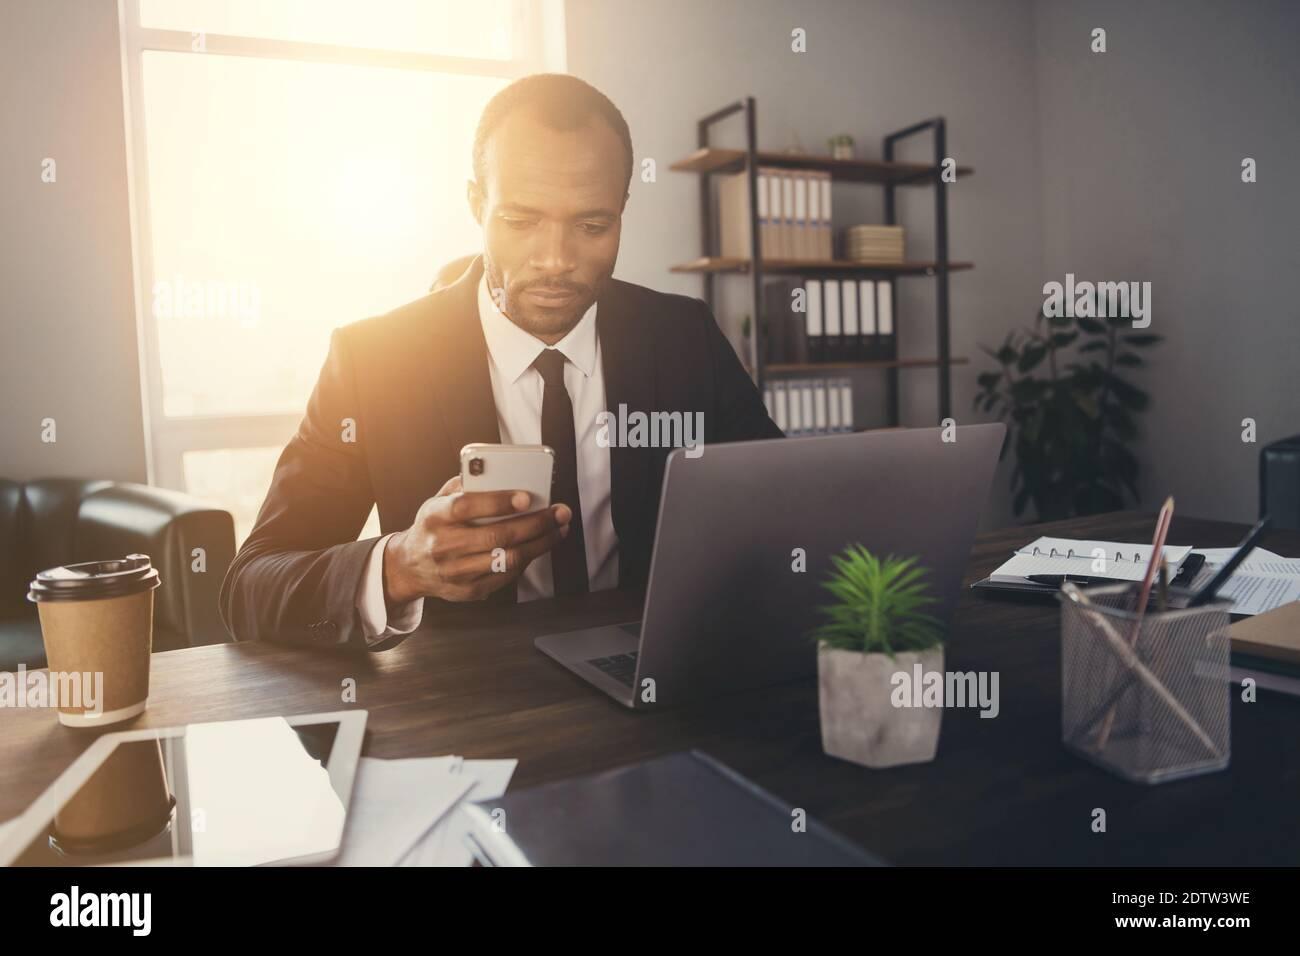 Portrait von fokussierten nachdenklichen afro amerikanischen Mann Broker Rechtsanwalt verwenden Smartphone Chat mit Kunden Partner tragen Anzug Tuxedo in Arbeitsplatz Stockfoto